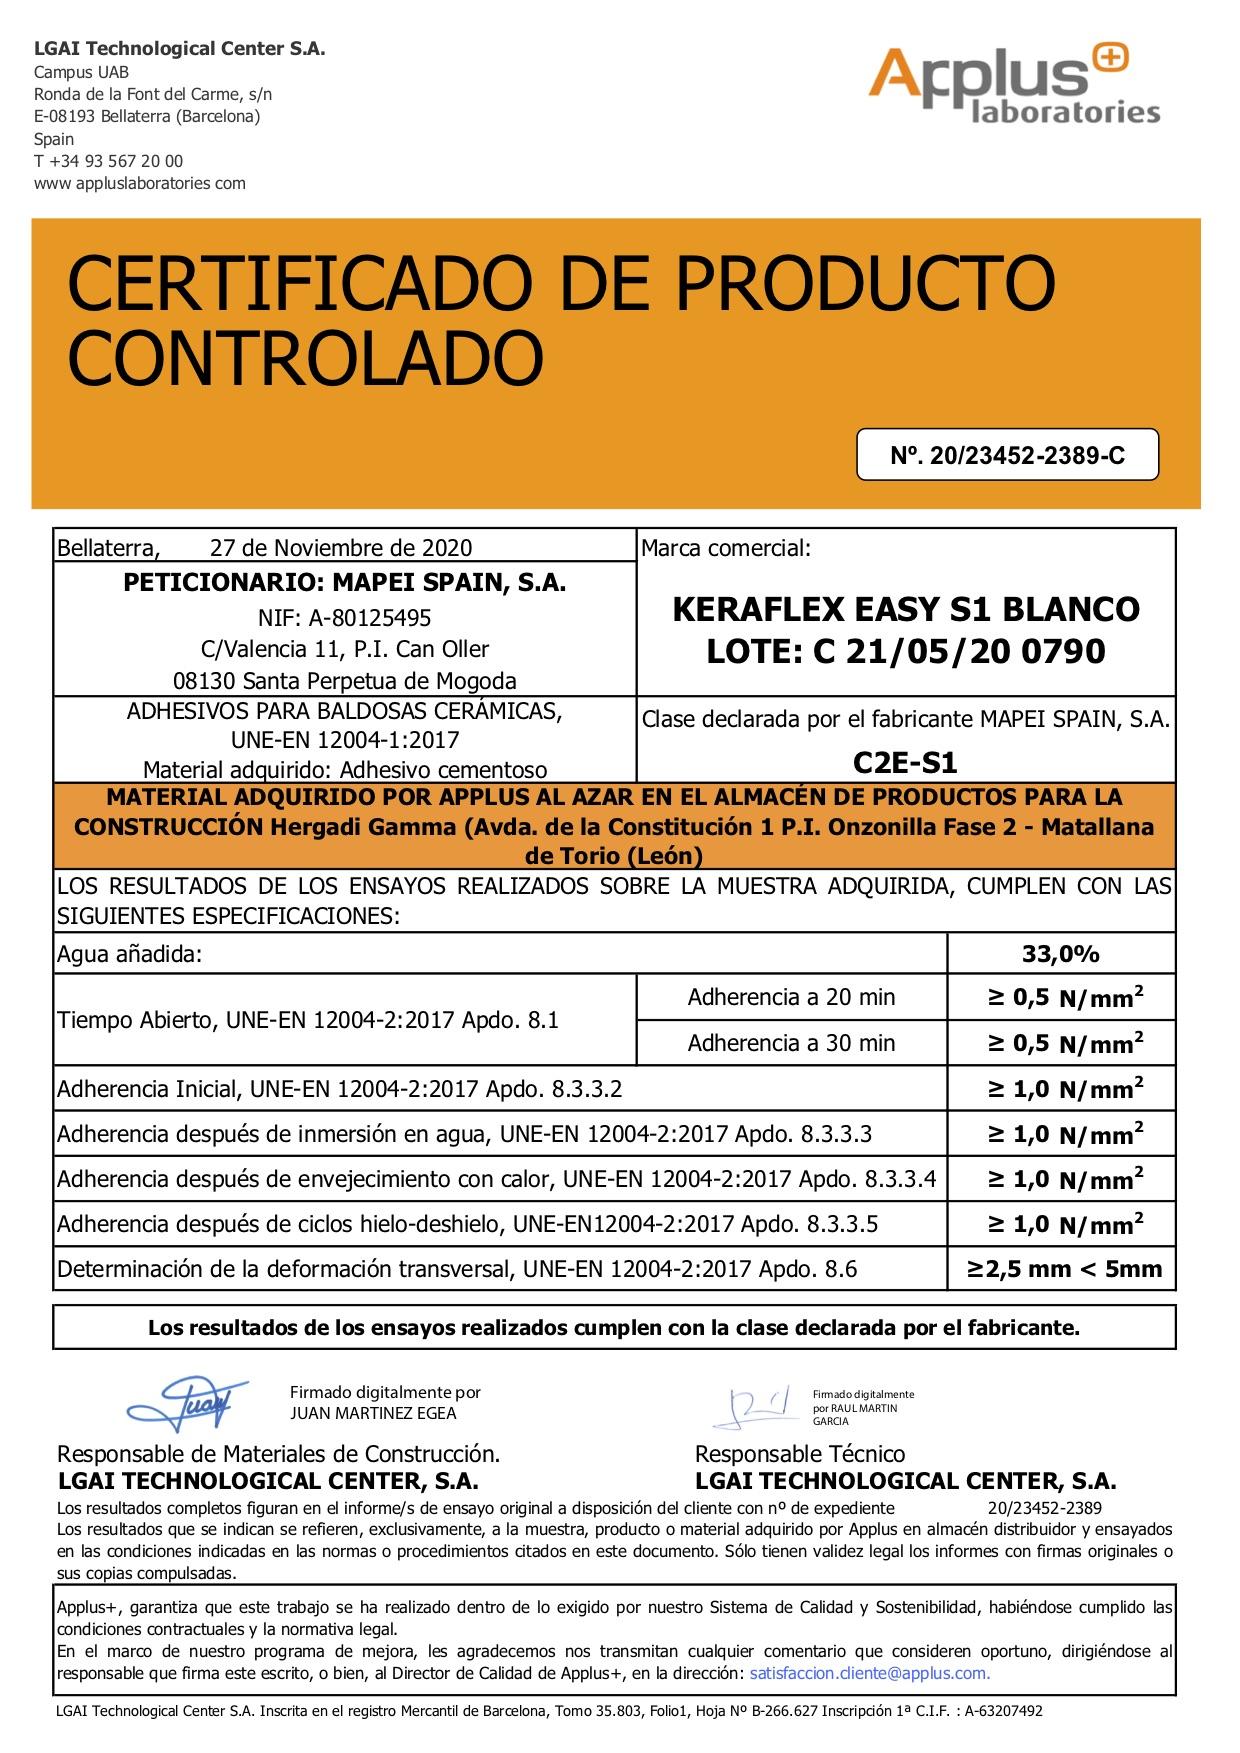 KFX EASY B S1 (SR) 2389